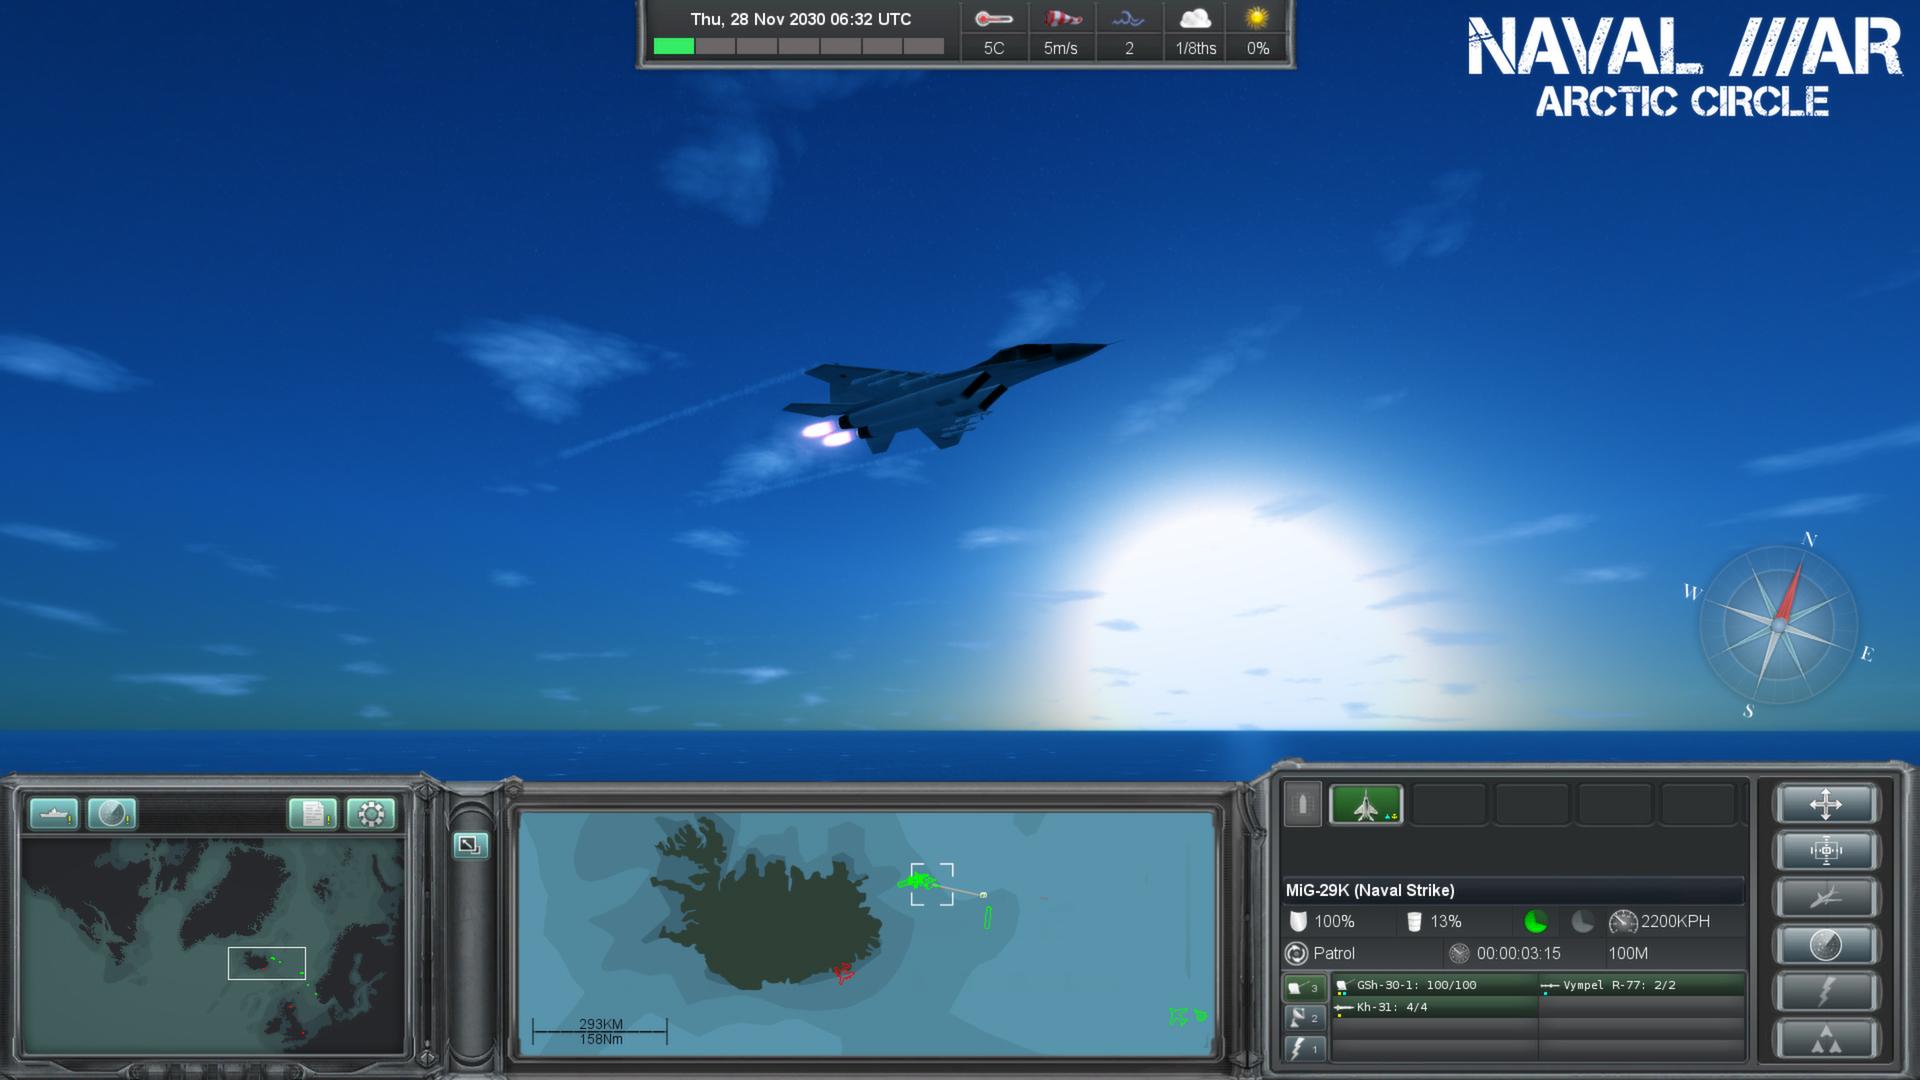 Скриншот из игры Naval War: Arctic Circle